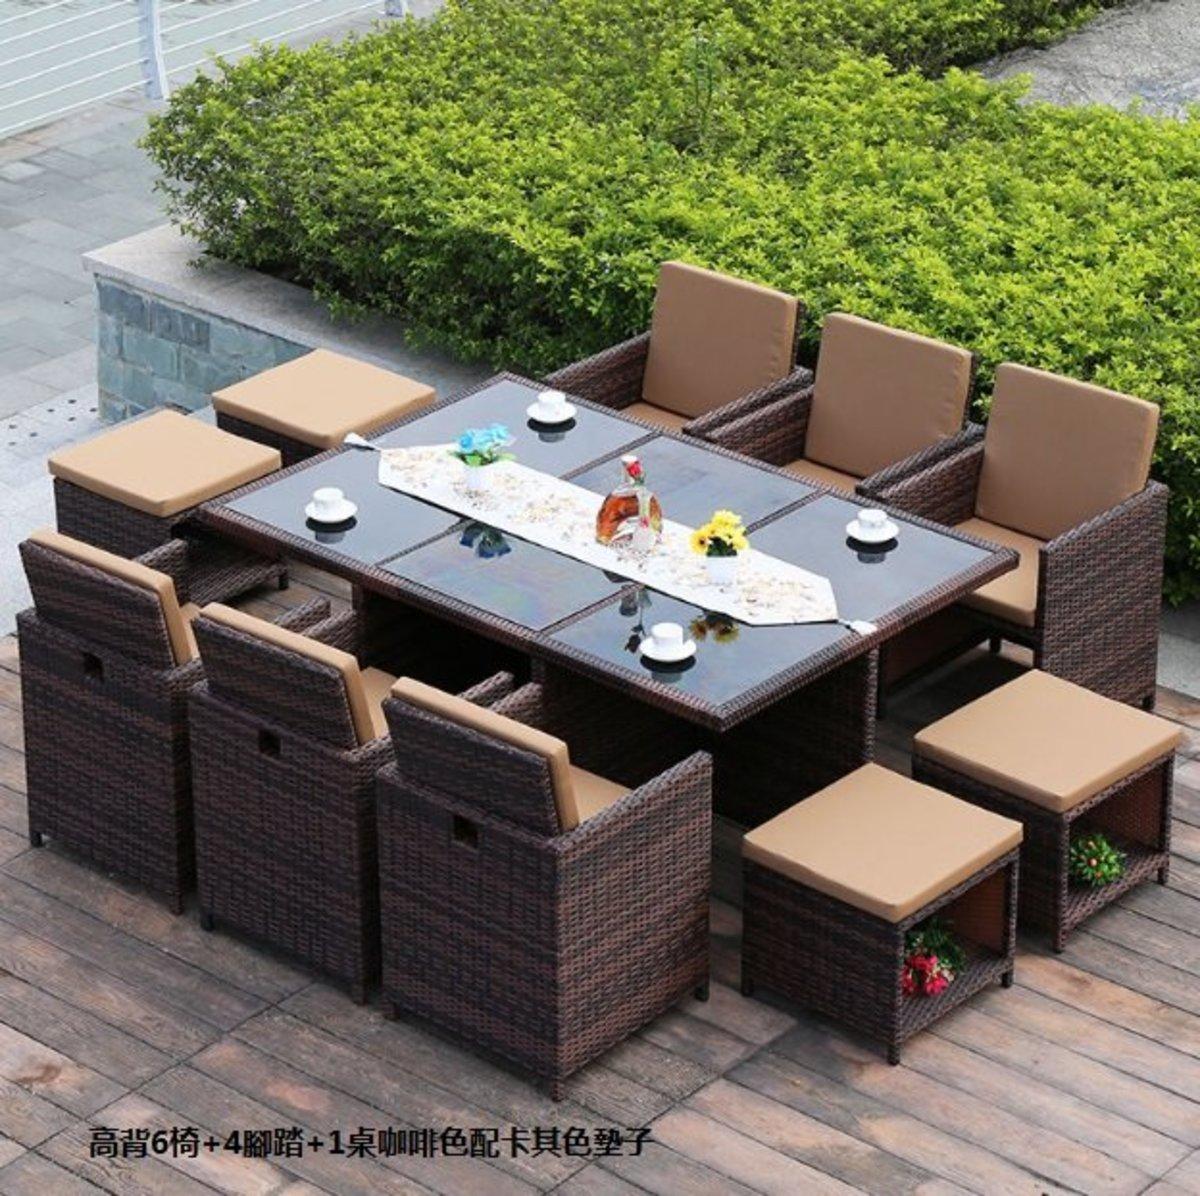 簡約家用收納北歐藤桌椅(高背6椅+4腳踏+1桌咖啡色配卡其色墊子)